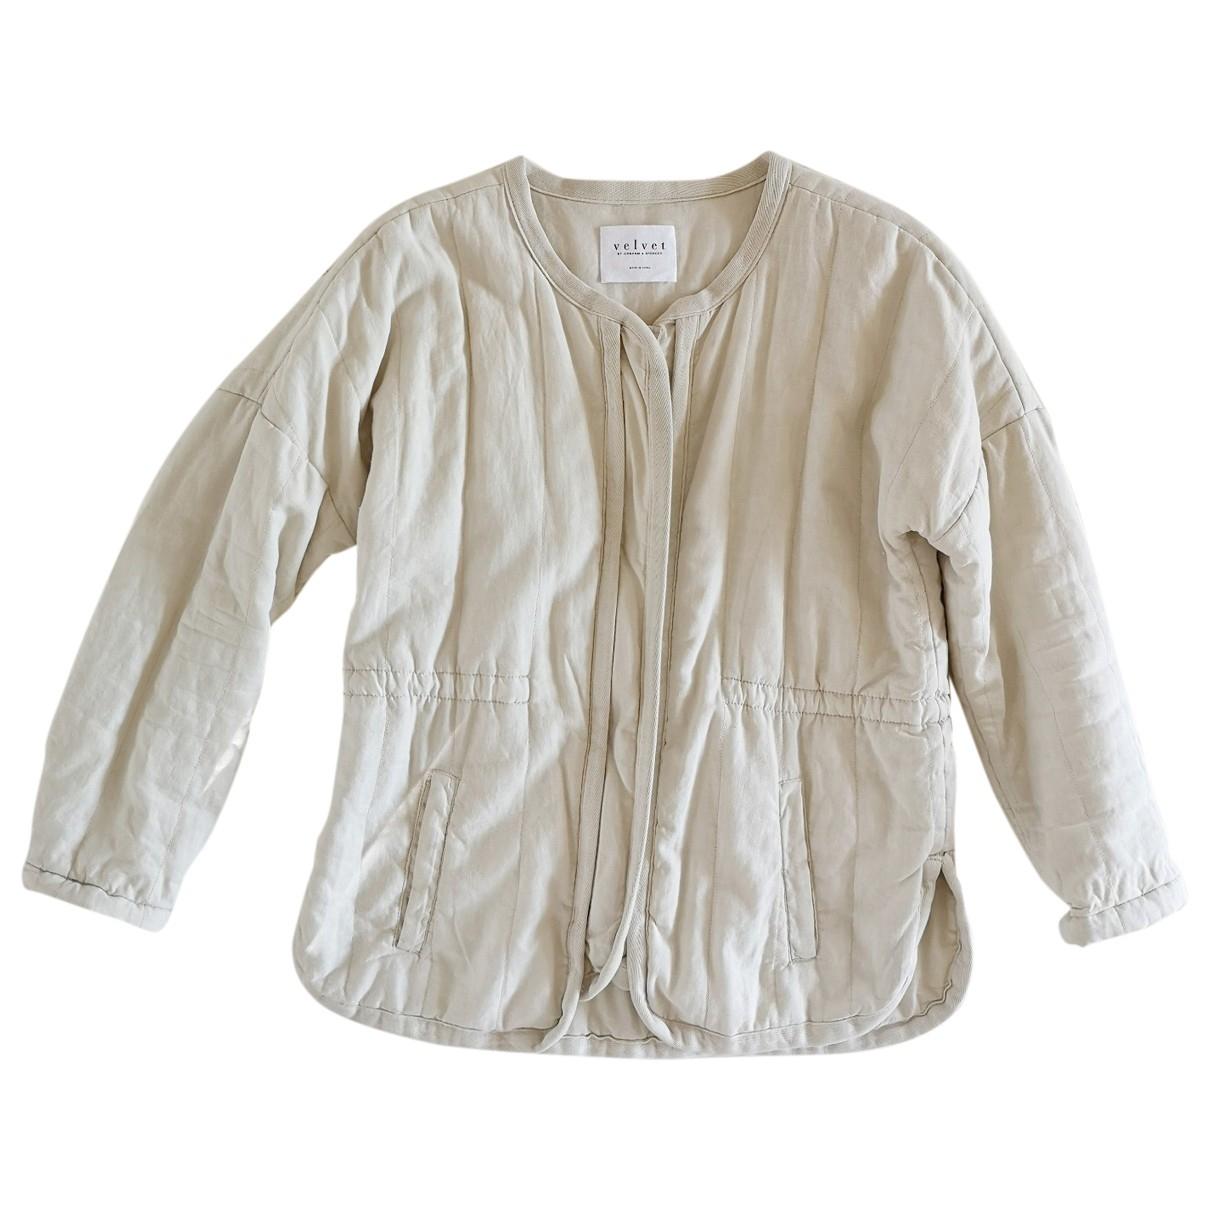 Velvet - Veste   pour femme en coton - ecru